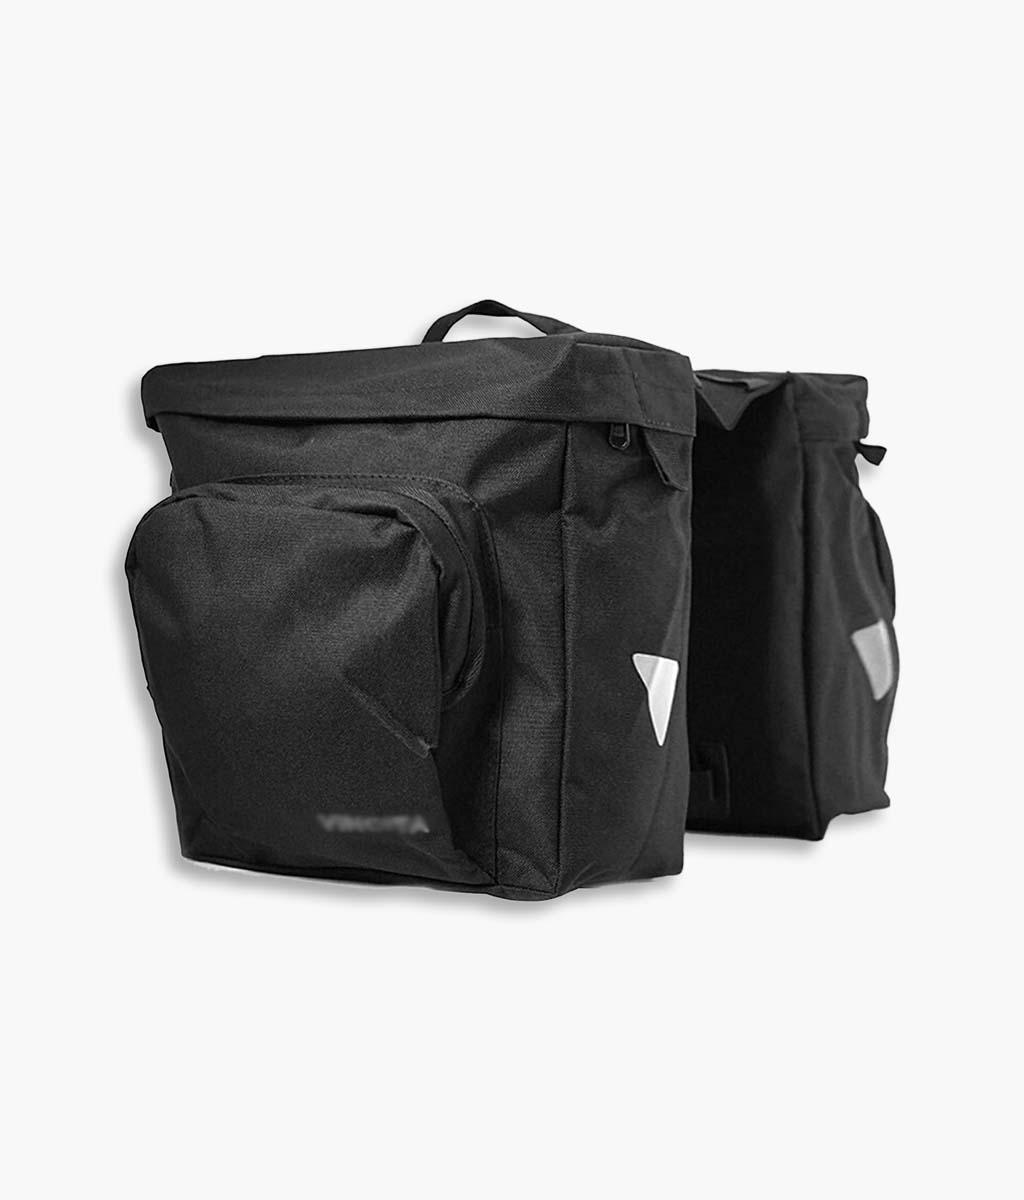 Bike Panniers Waterproof Bag